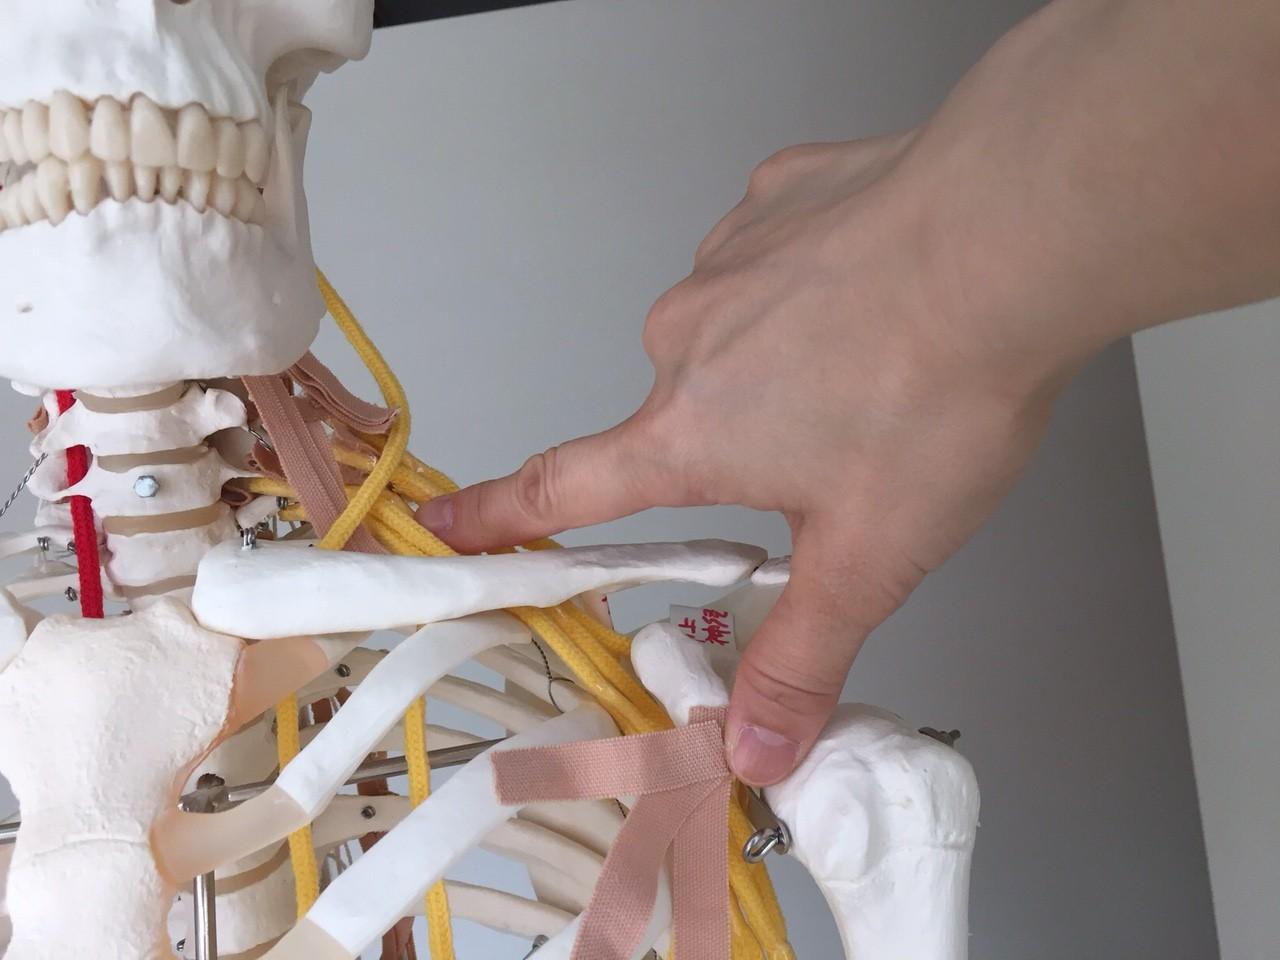 胸郭出口症候群(TOS) | 解剖生理学セミナーやハワイで献体解剖実習を開催